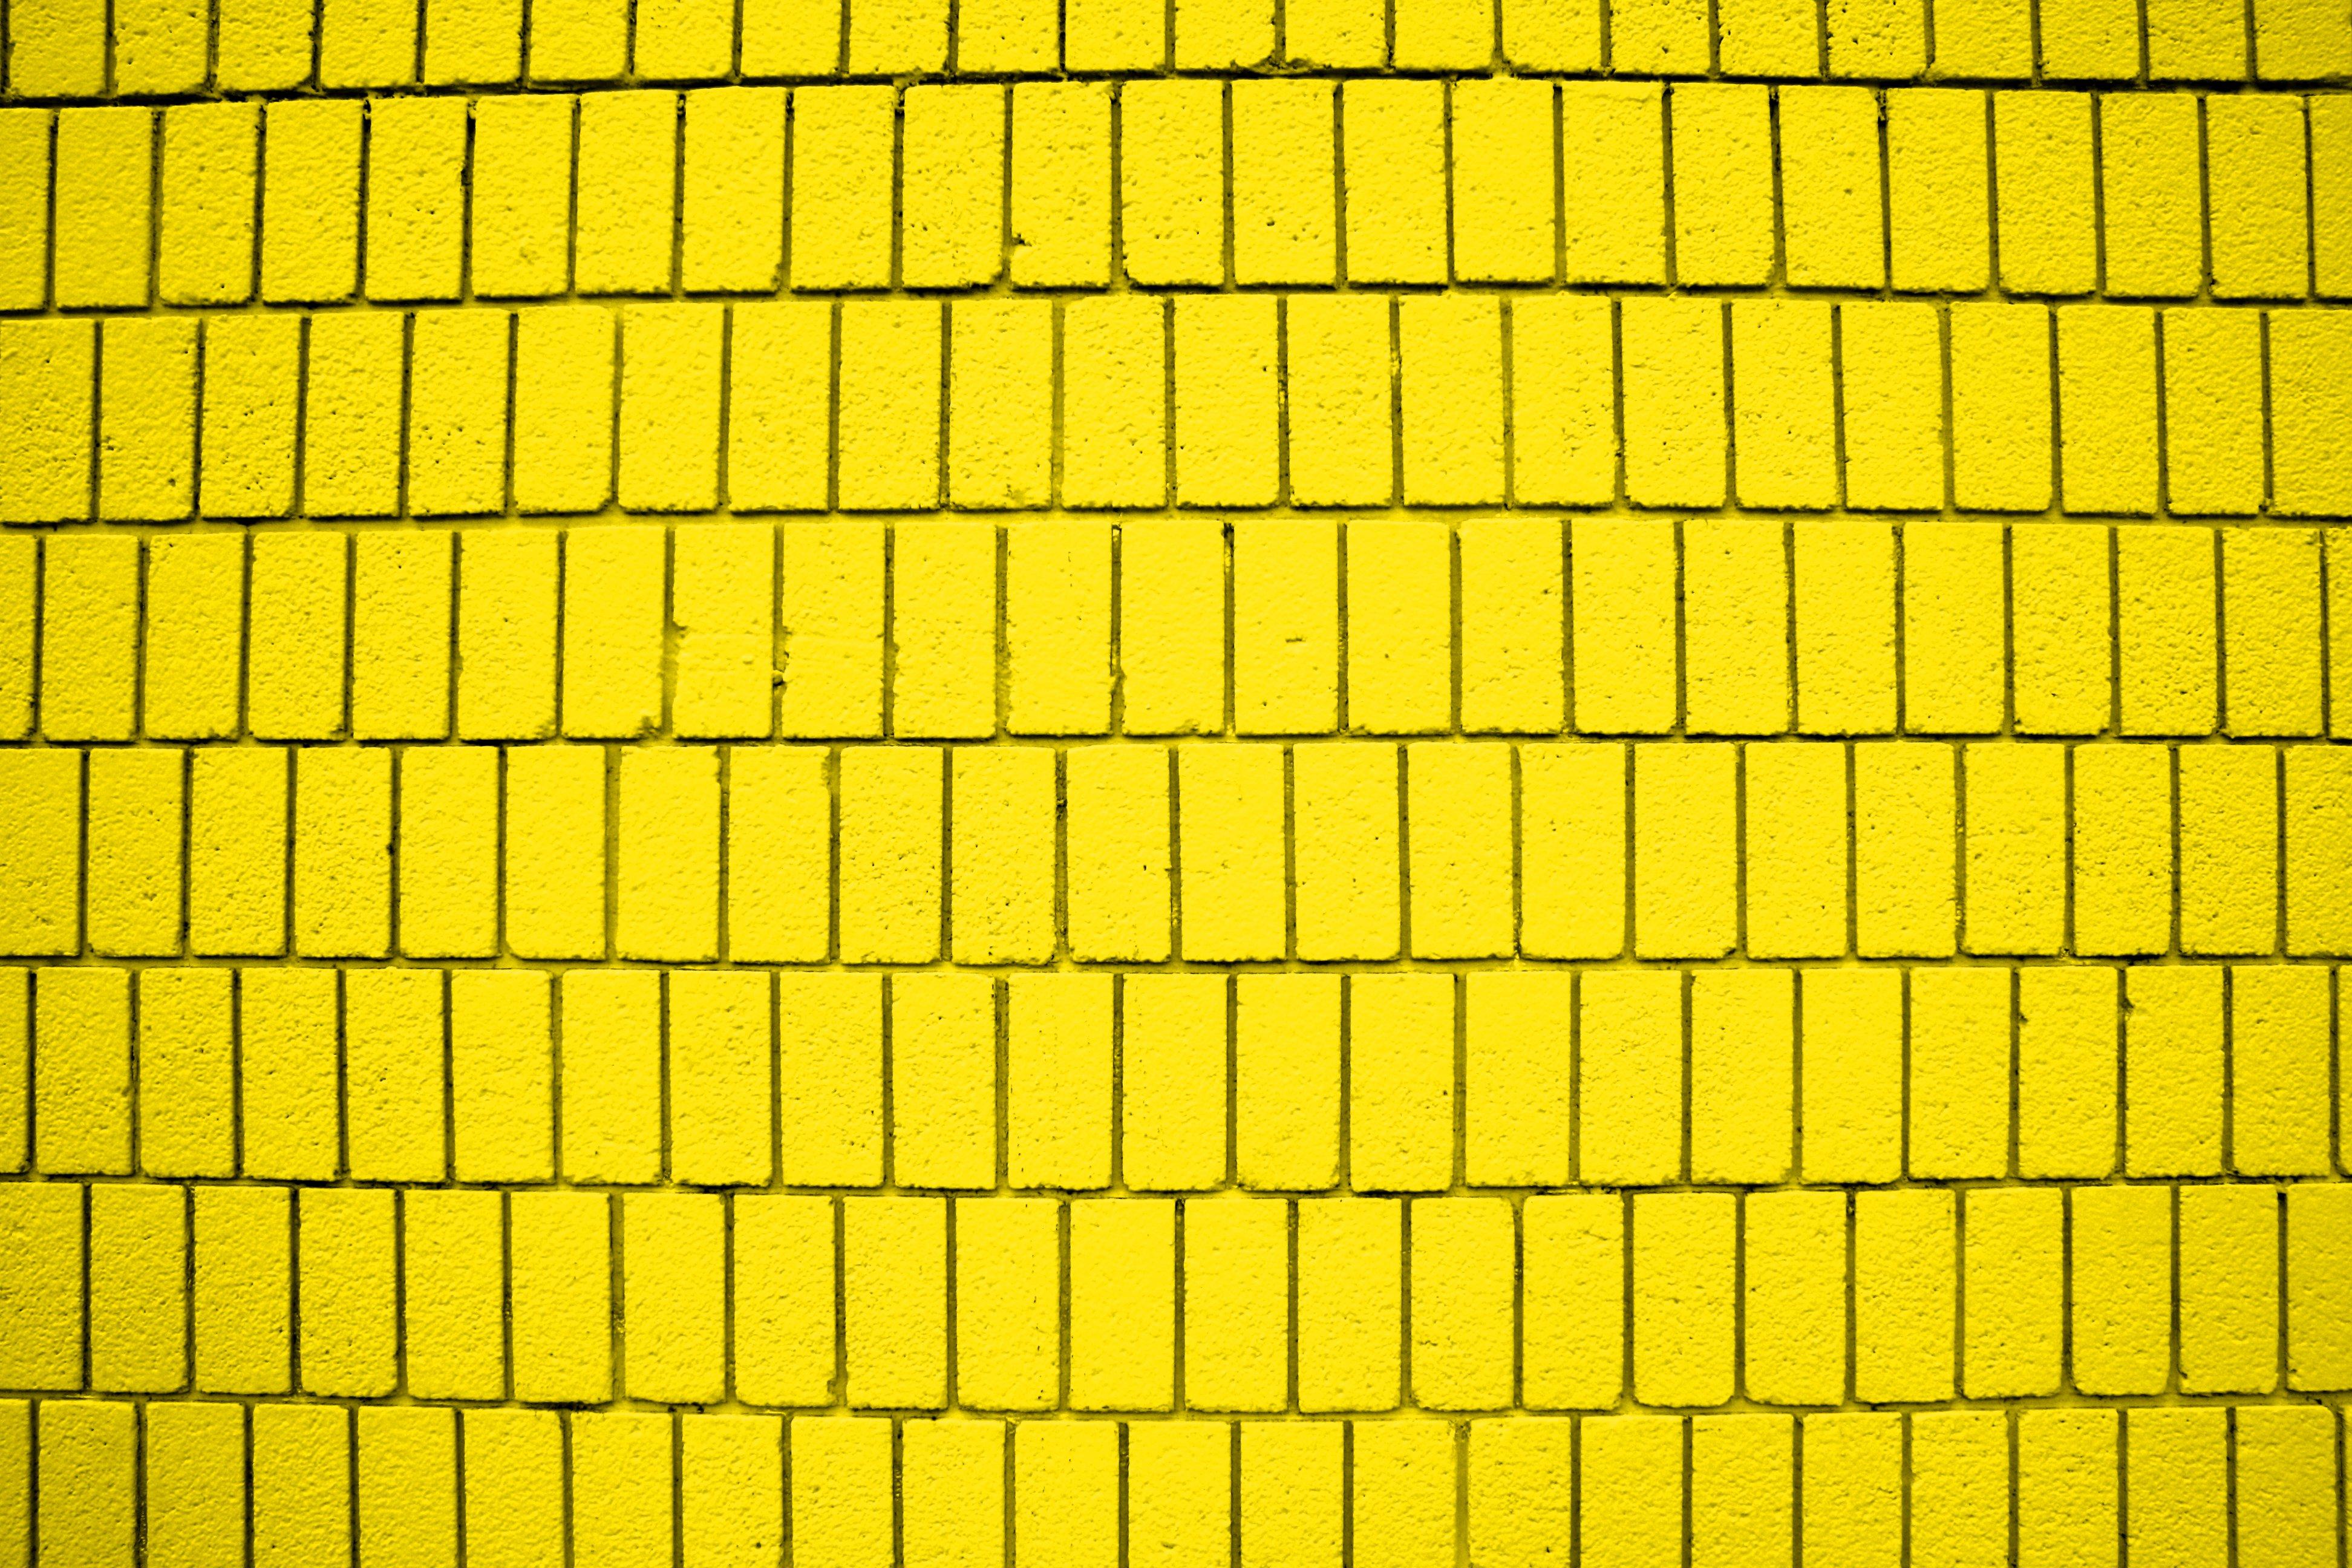 Free photo: Yellow Brick Wall - Stones, Stonewall, Surface - Free ...